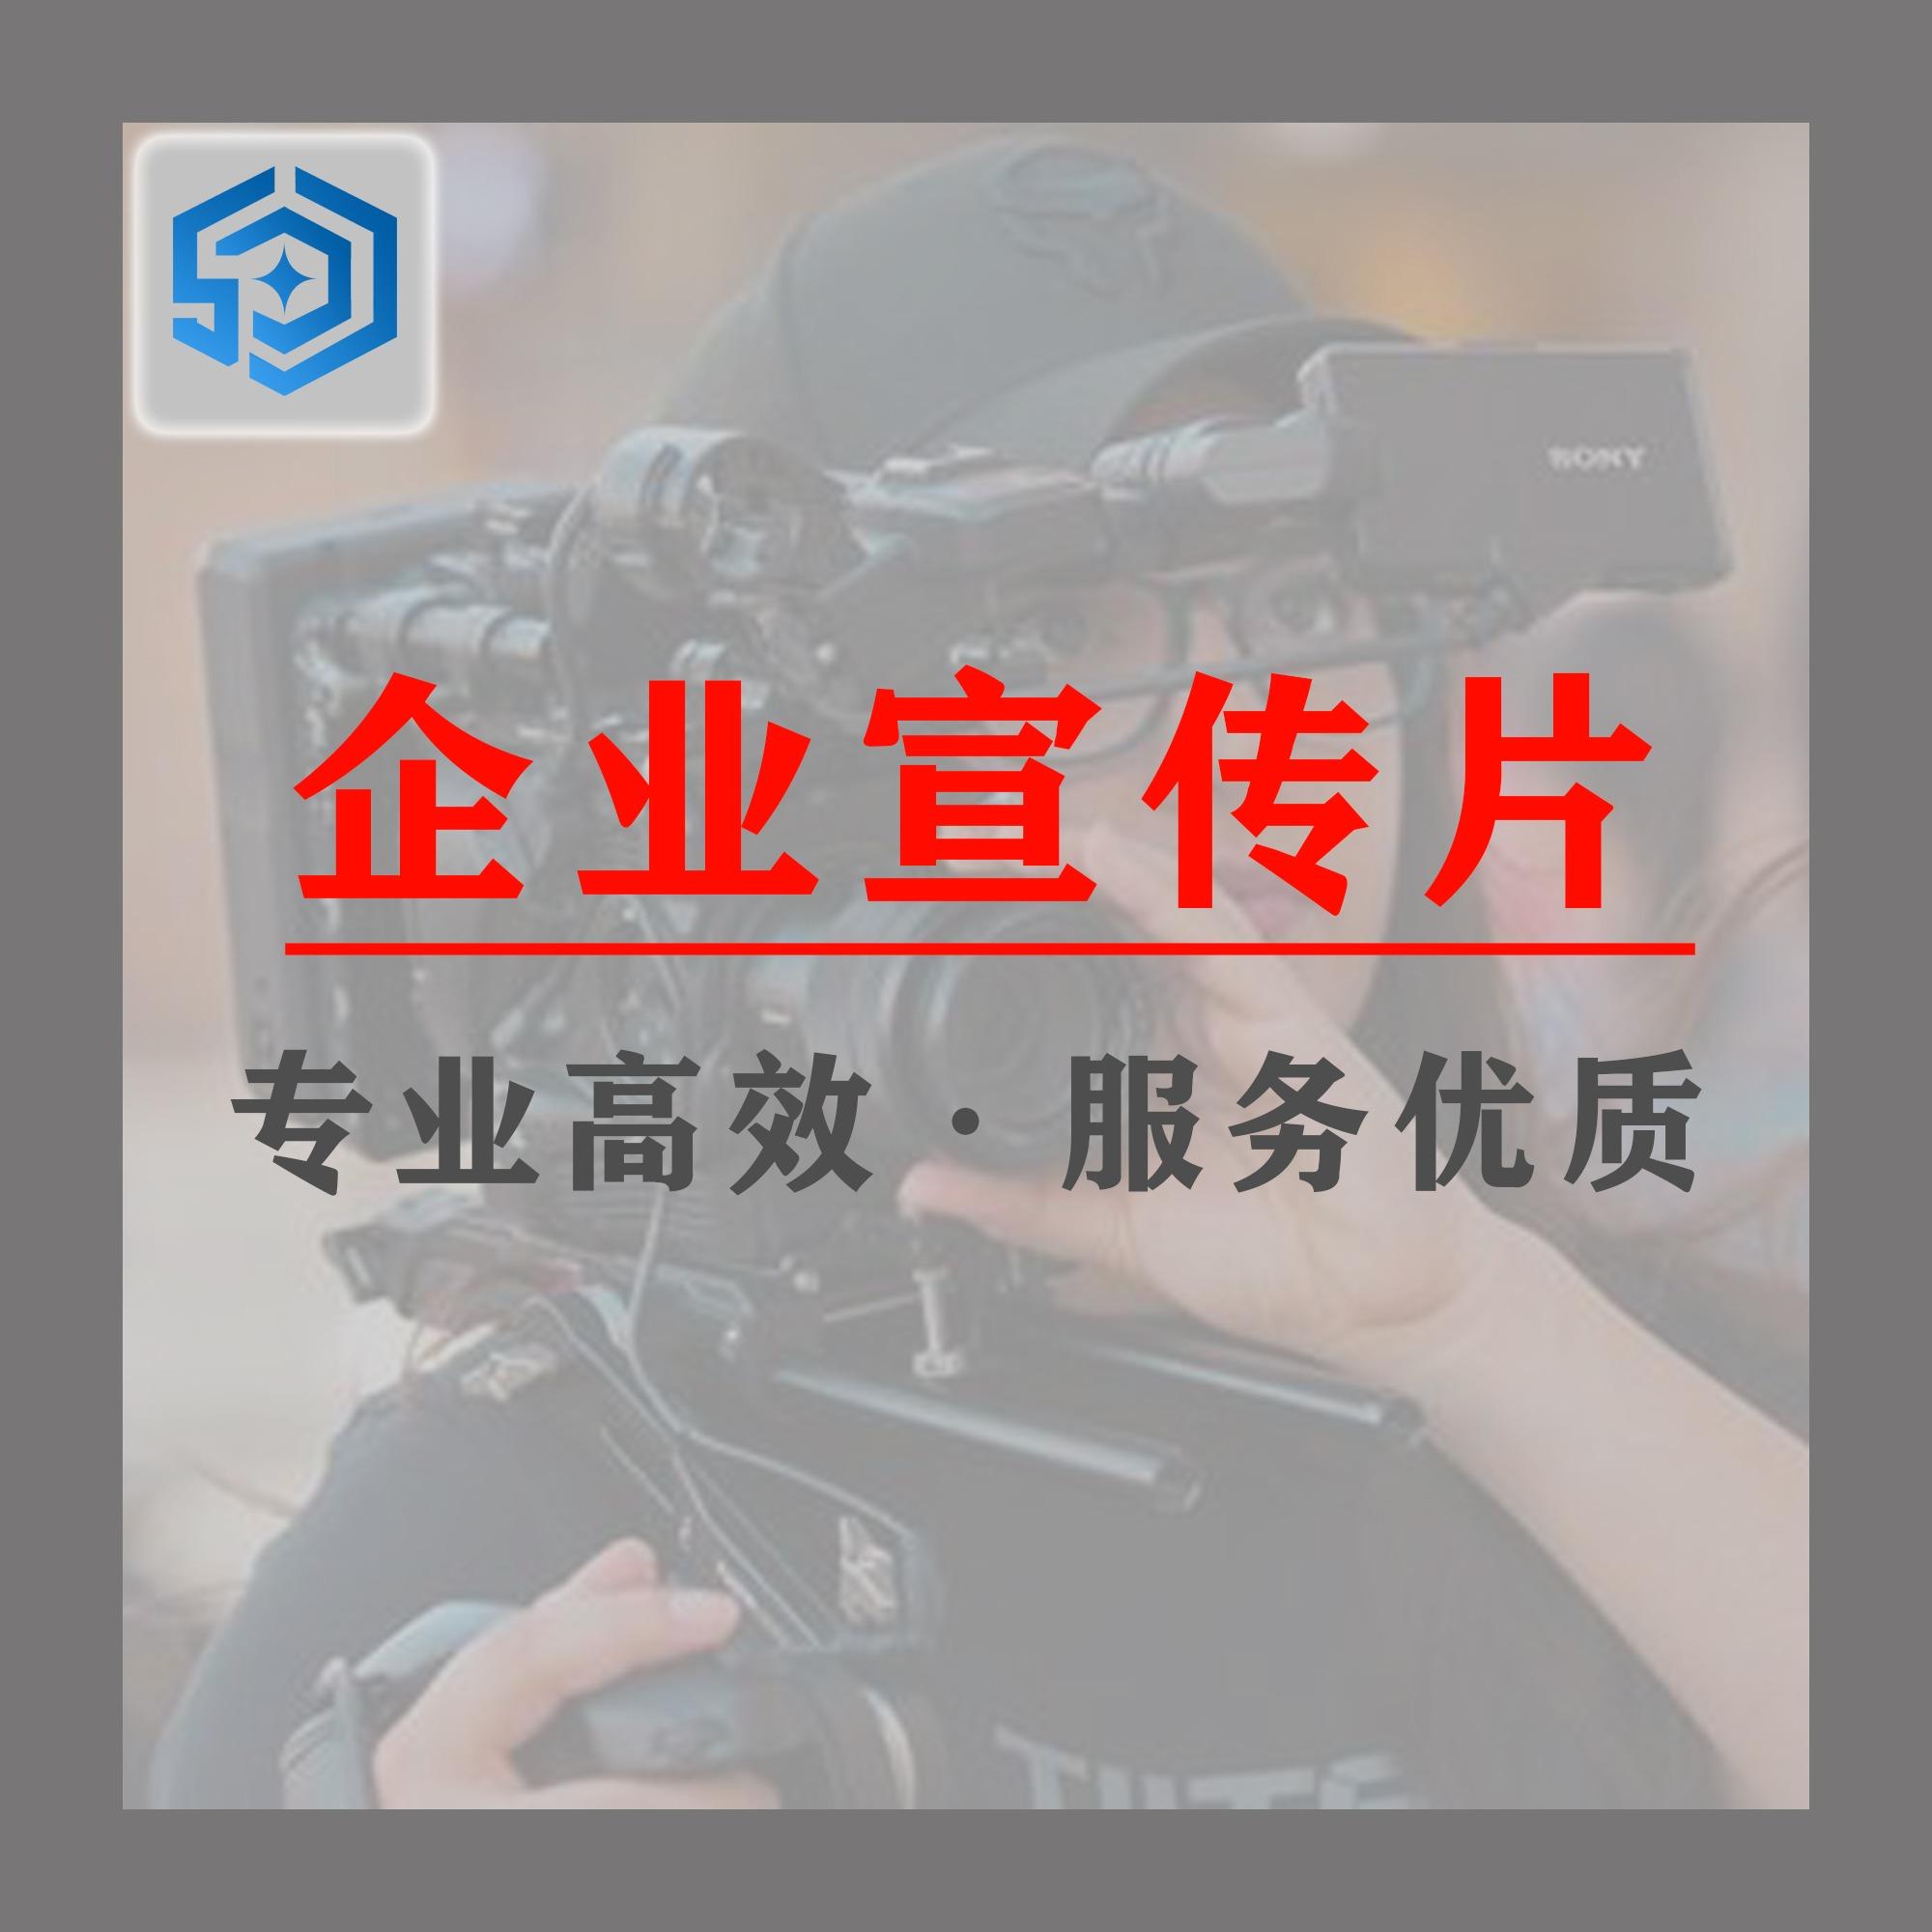 企业宣传片学校宣传片产品宣传片广告片微电影产品拍摄